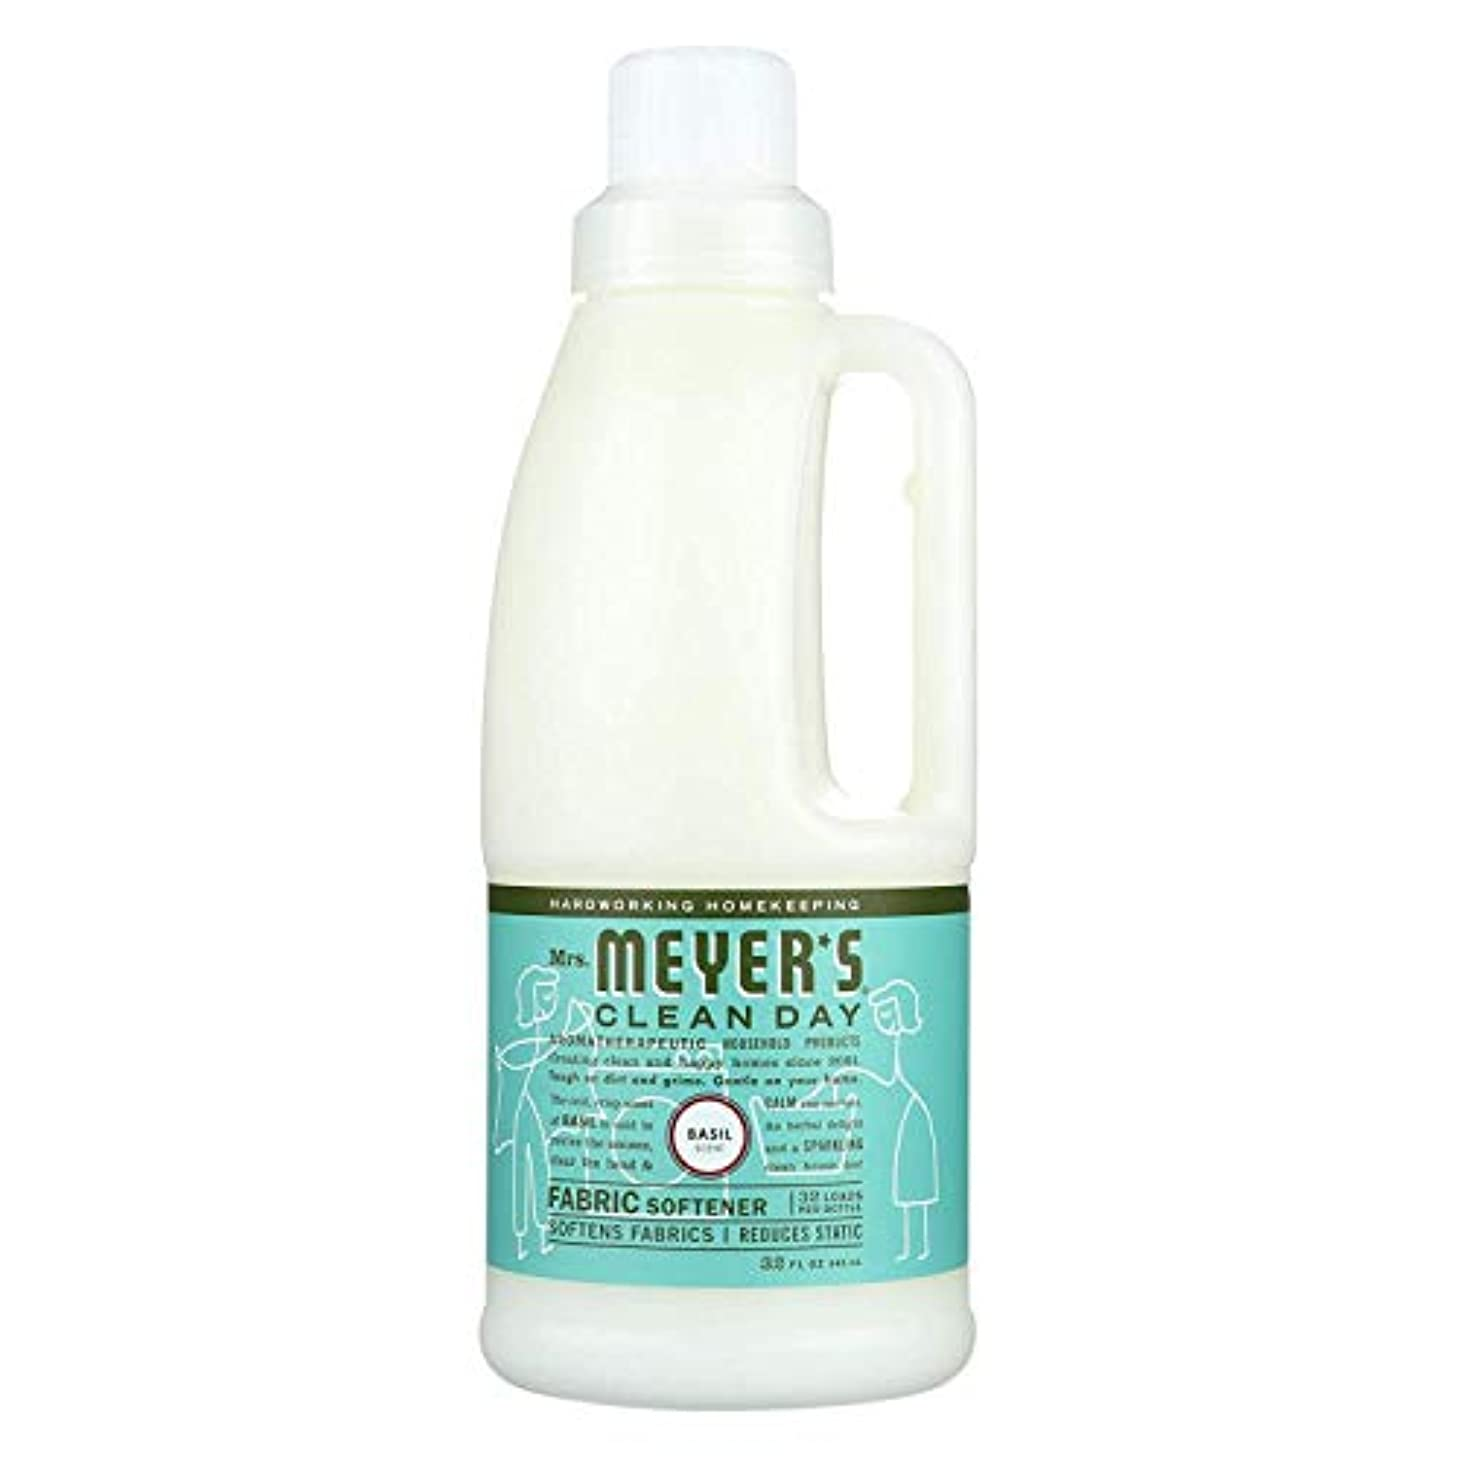 反逆者血まみれ人工Mrs. Meyers SCジョンソンワックス14334液体柔軟仕上げ剤、バジル、32オンス - 数量6